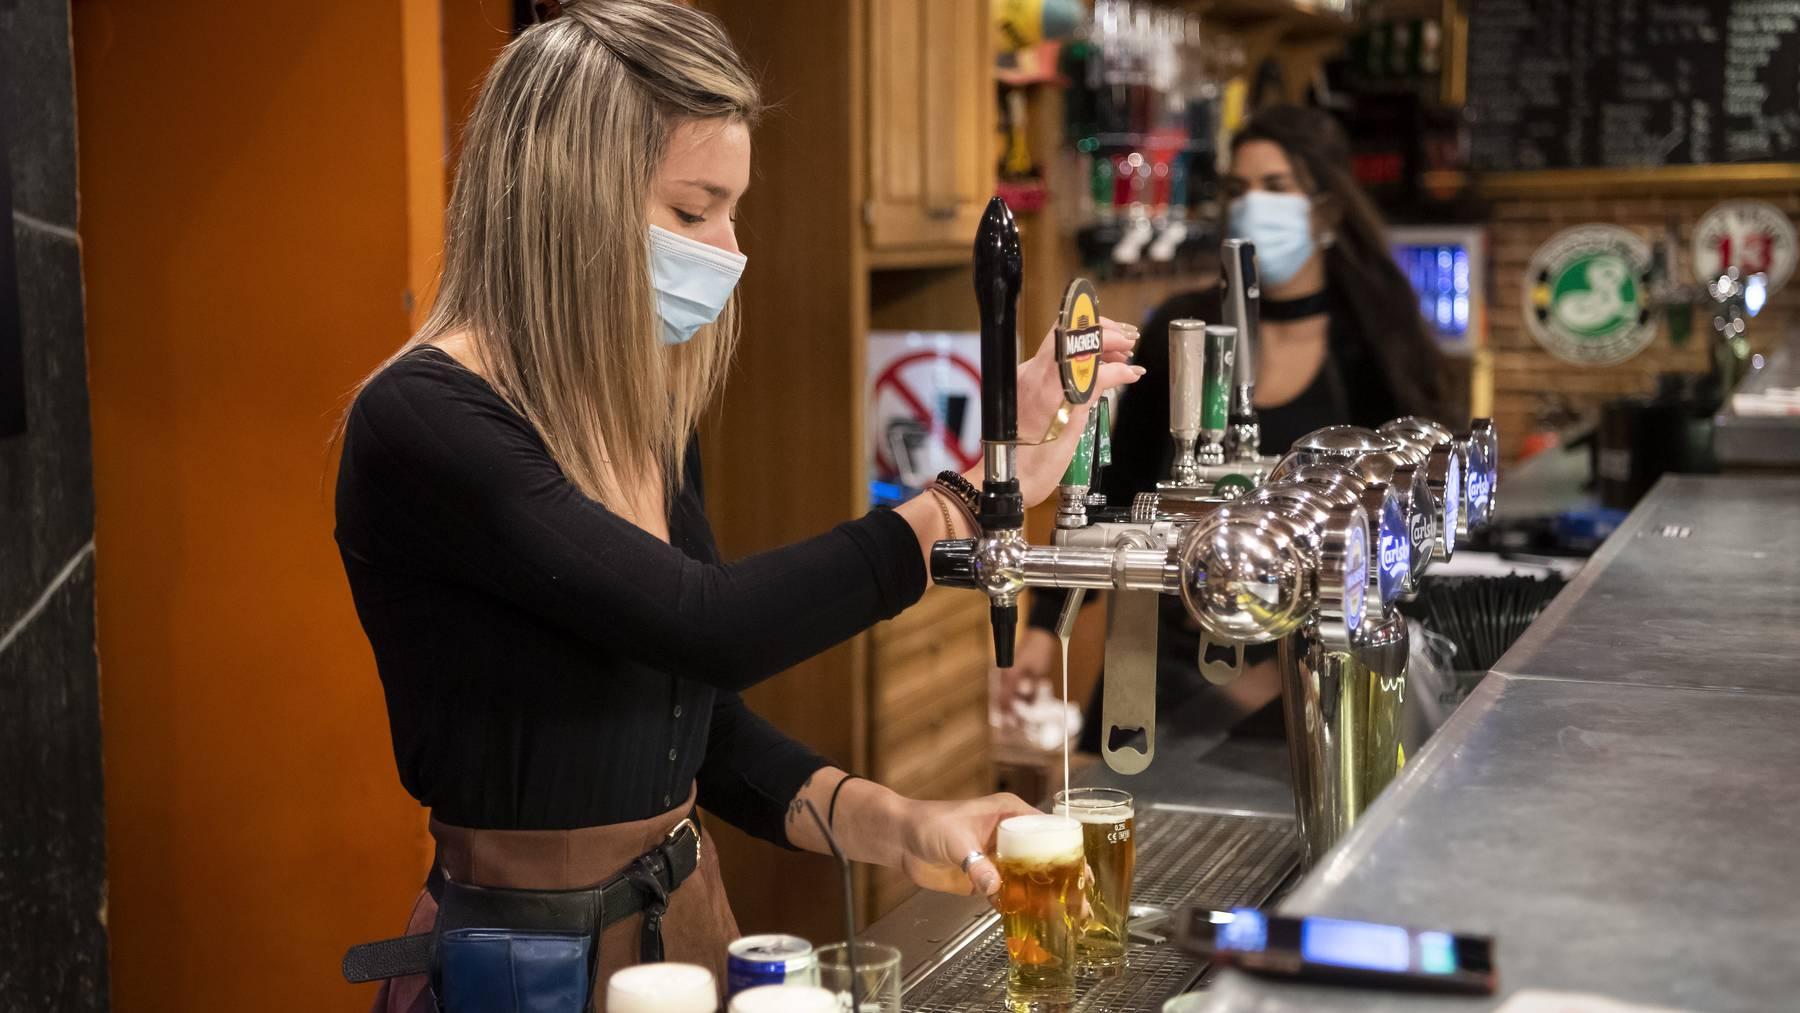 Noch bis am Freitagabend um 22 Uhr dürfen Gastronomiebetriebe im Kanton Wallis - hier eine Bar in Martigny - Bier ausschenken. Danach müssen sie bis am 30. November schliessen.